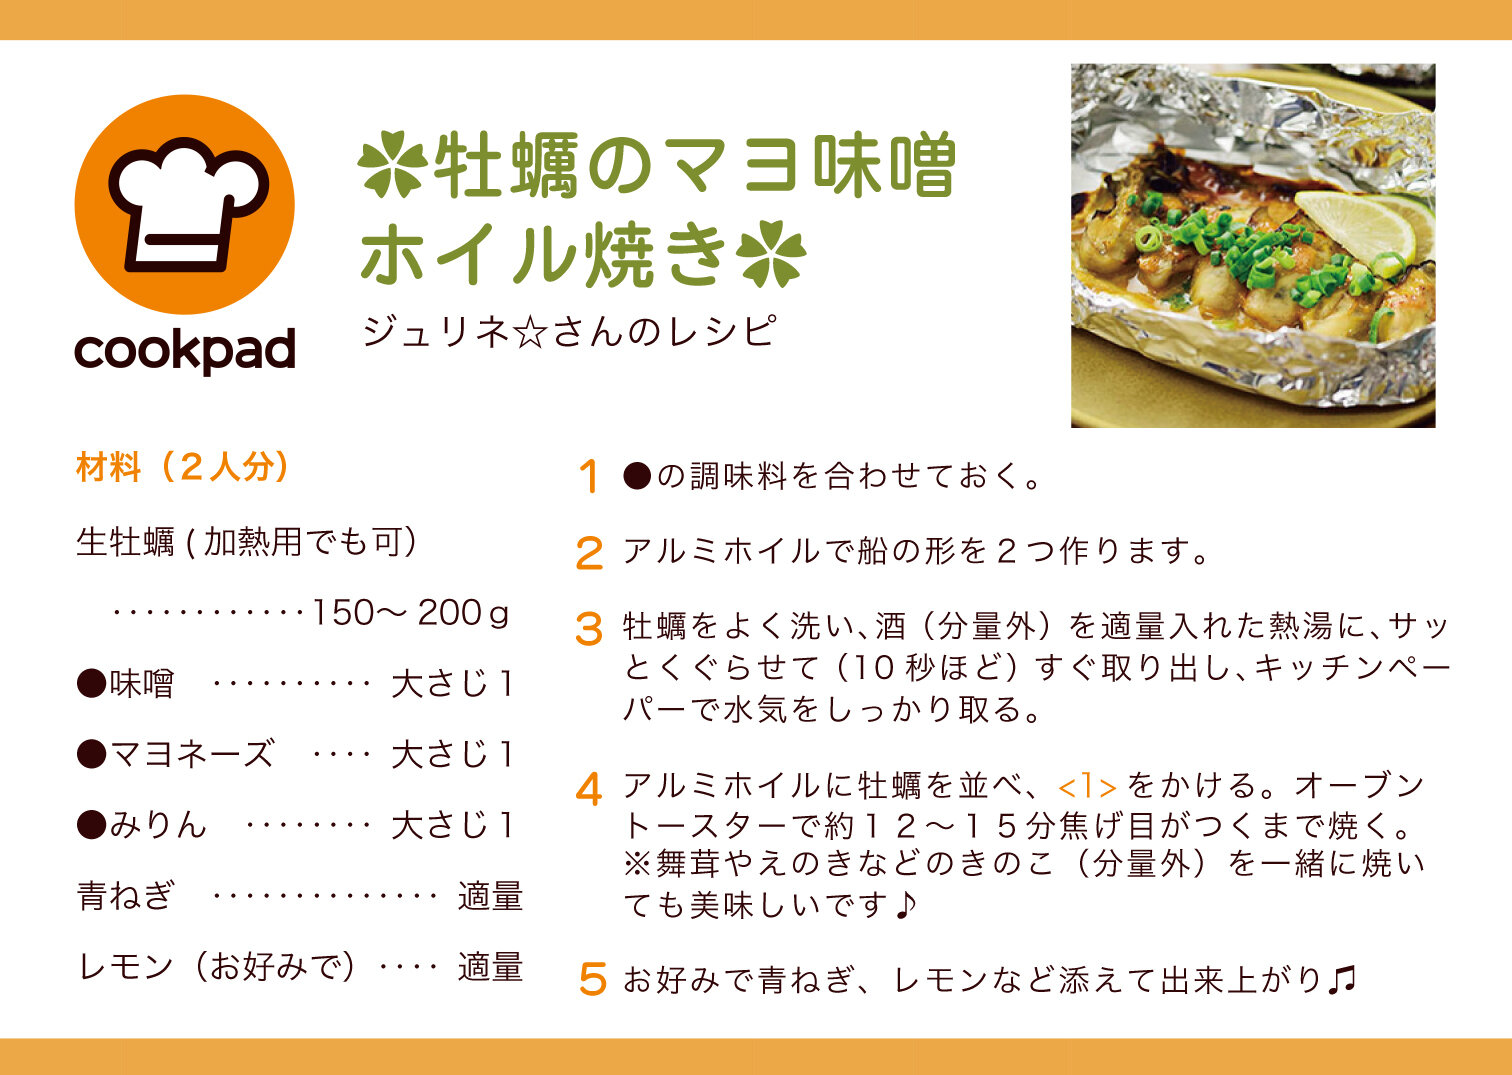 レシピカードイメージ